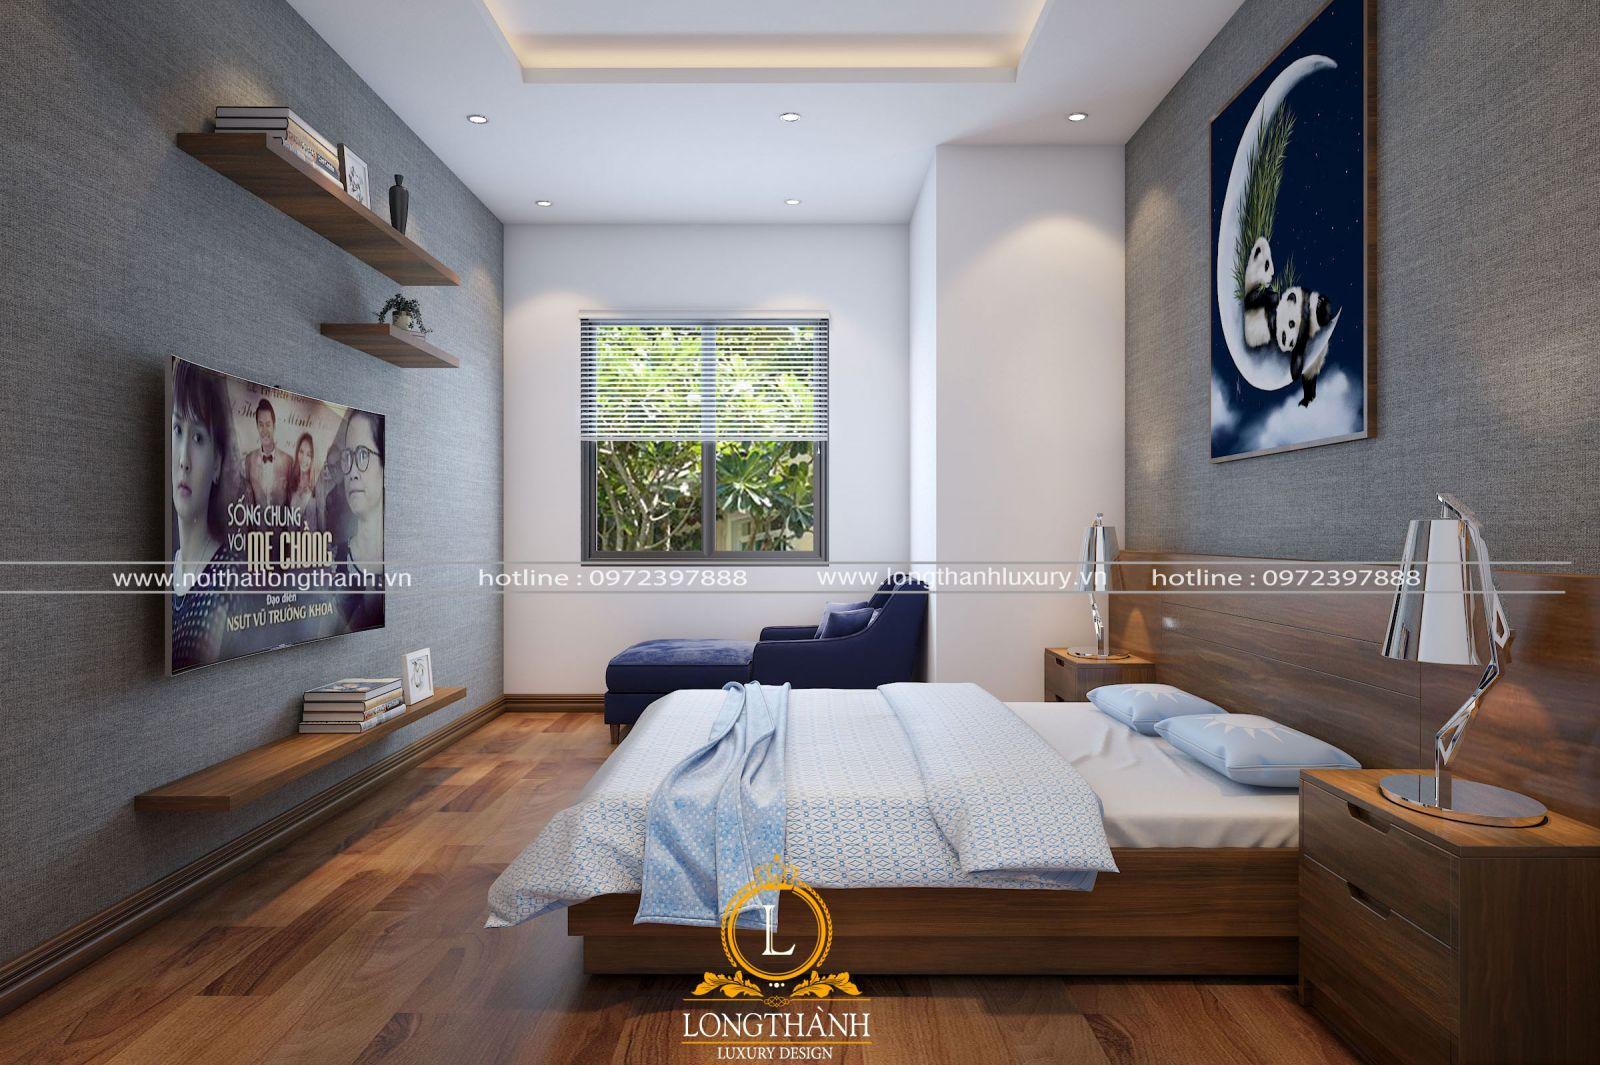 Màu sắc không gian và đồ nội thất phù hợp với phong thủy người mệnh Thủy